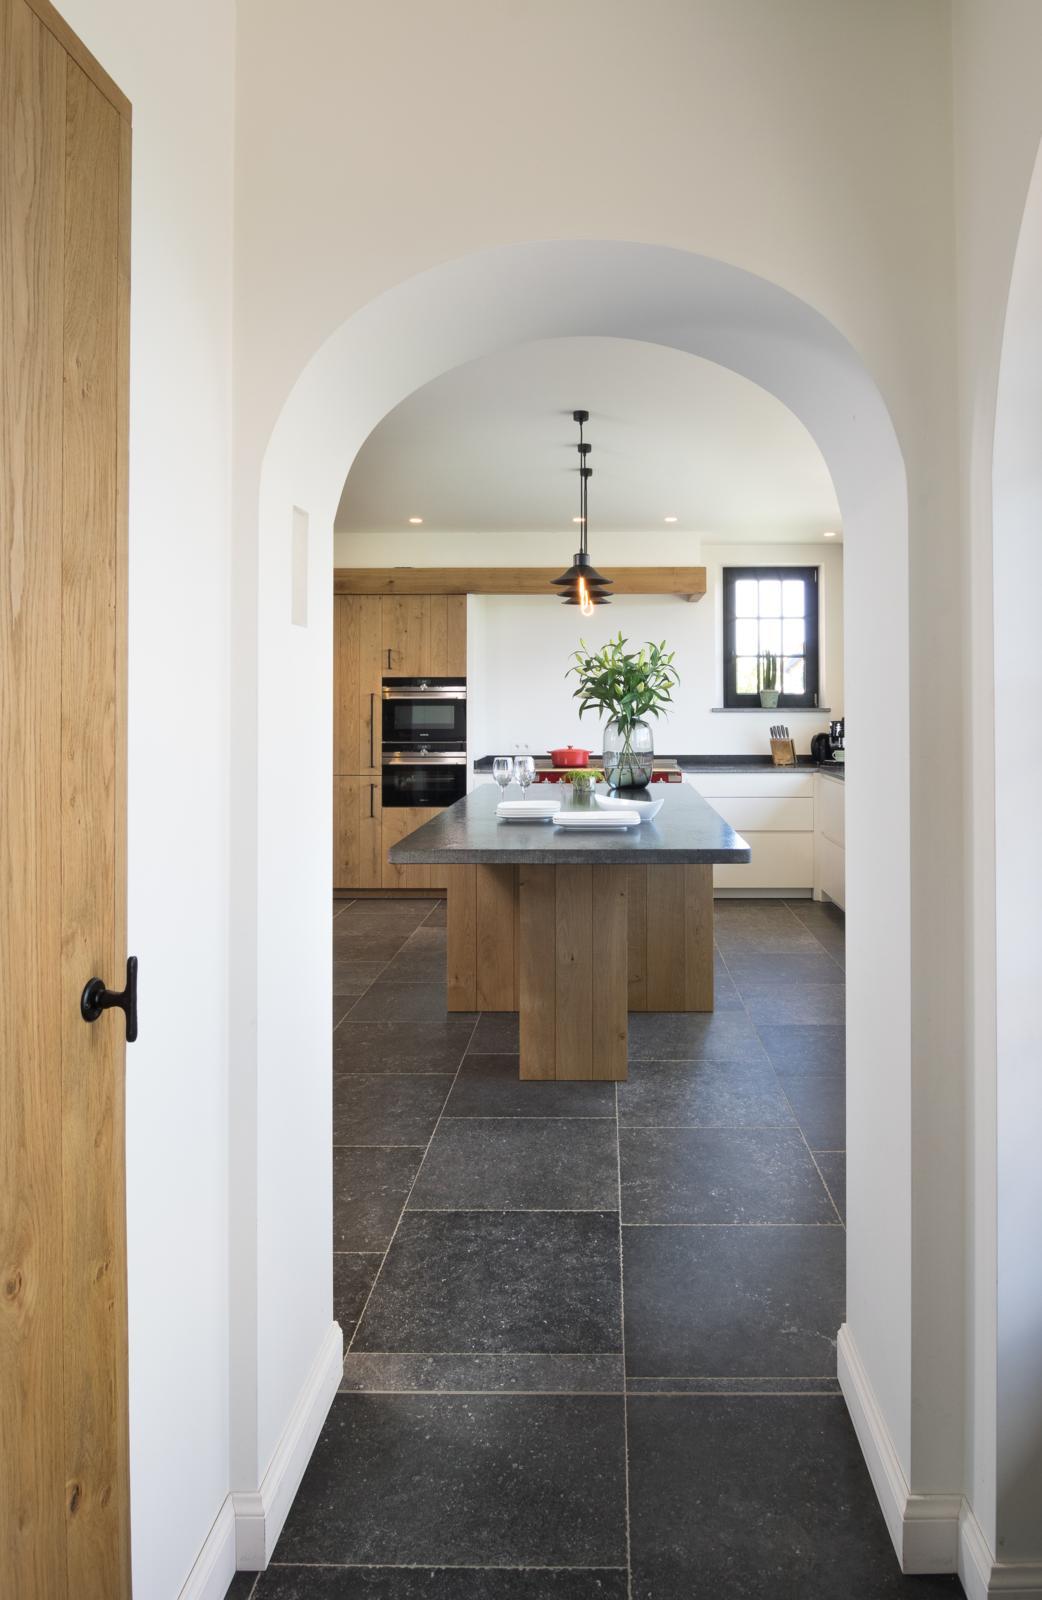 Keuken in privéwoning